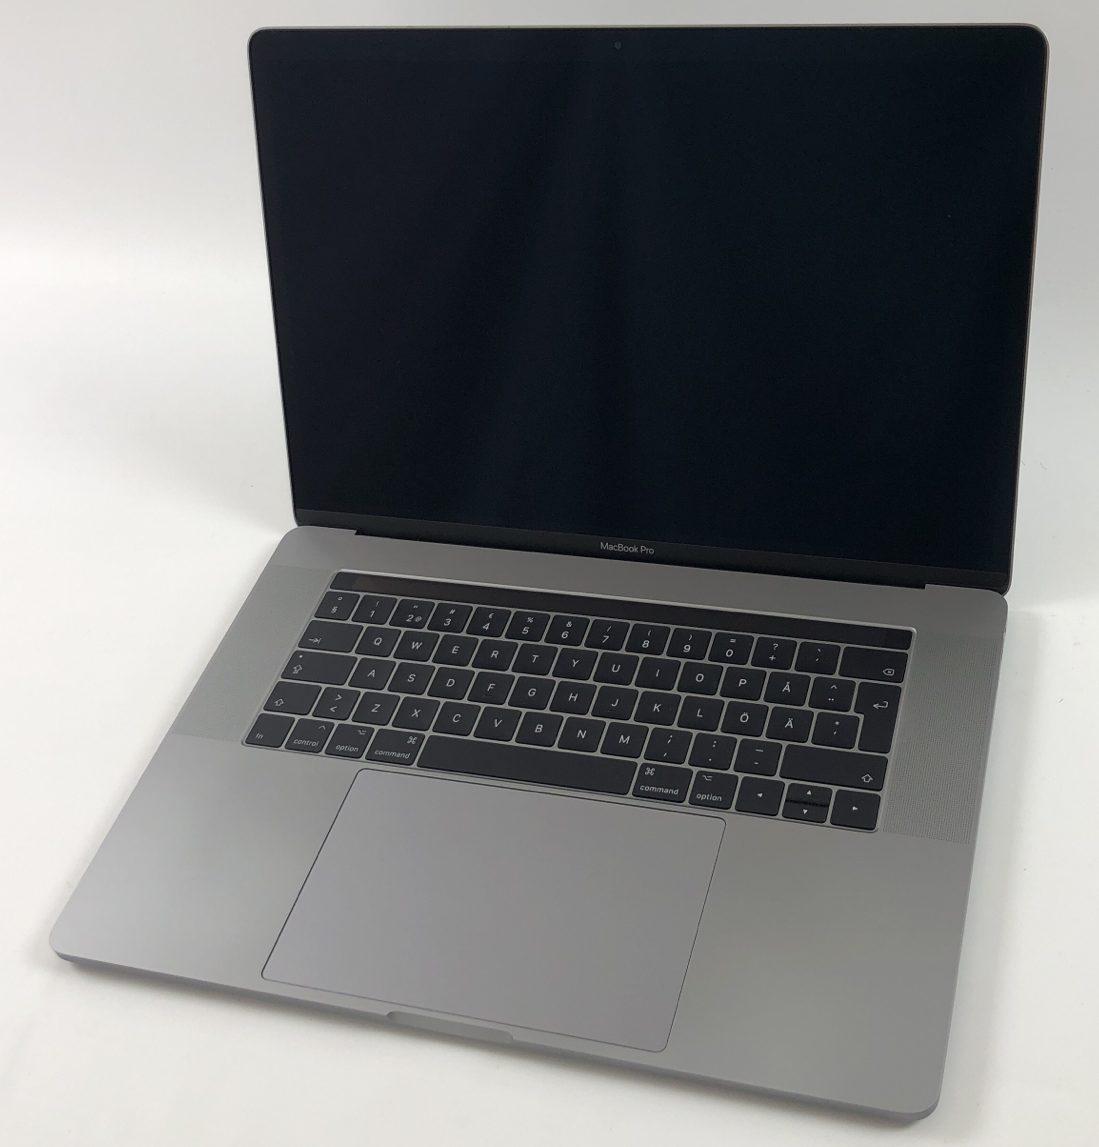 """MacBook Pro 15"""" Touch Bar Mid 2017 (Intel Quad-Core i7 2.8 GHz 16 GB RAM 512 GB SSD), Space Gray, Intel Quad-Core i7 2.8 GHz, 16 GB RAM, 512 GB SSD, bild 1"""